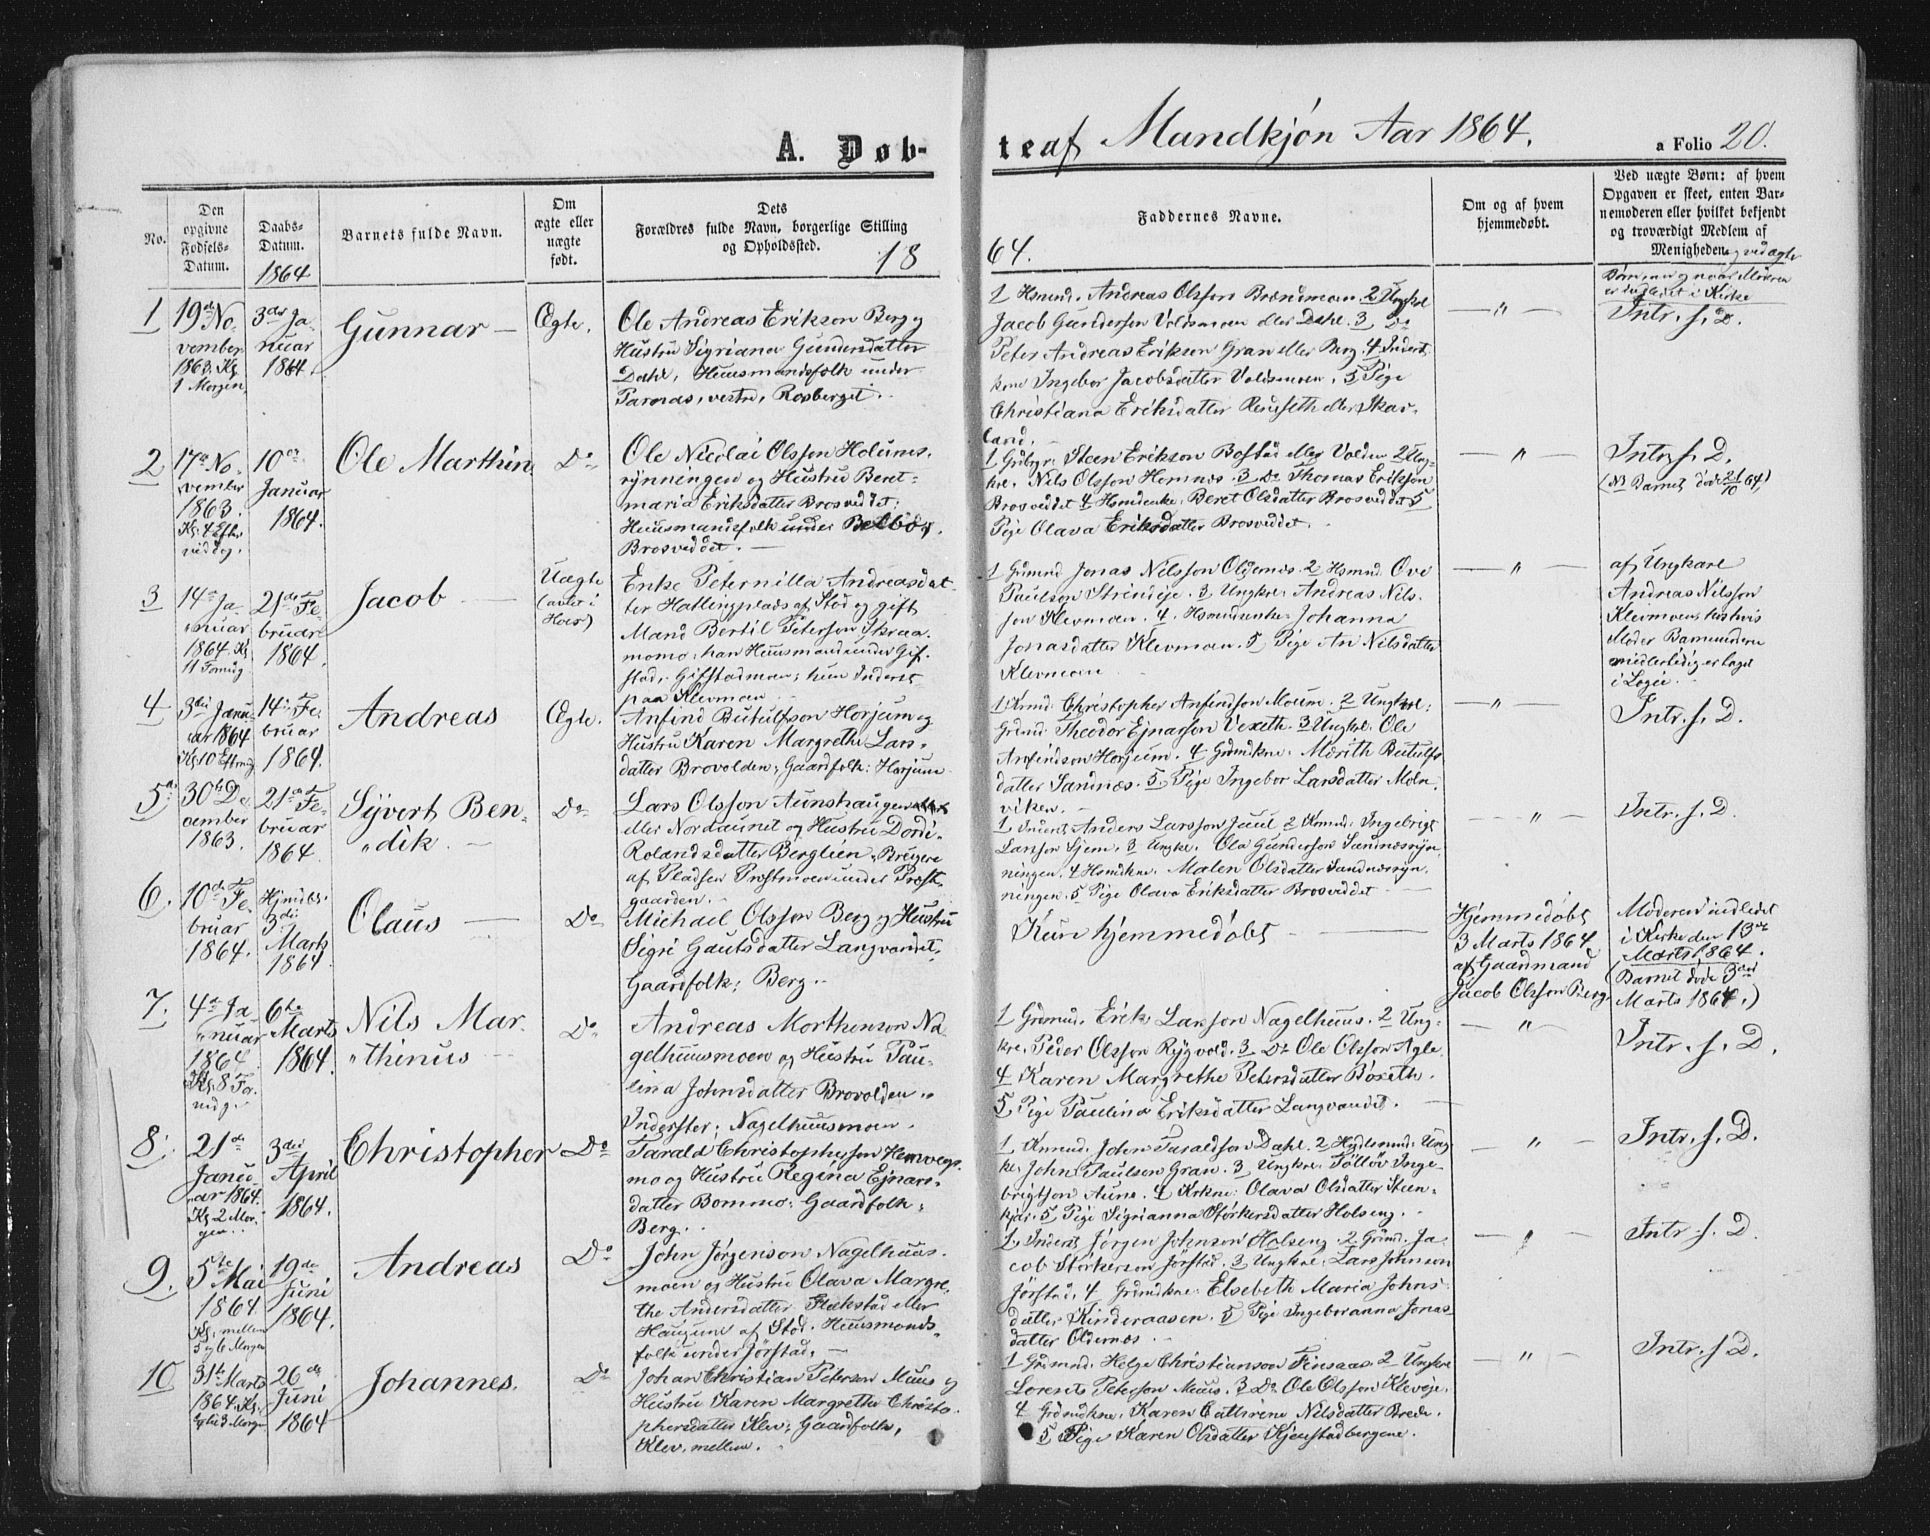 SAT, Ministerialprotokoller, klokkerbøker og fødselsregistre - Nord-Trøndelag, 749/L0472: Ministerialbok nr. 749A06, 1857-1873, s. 20